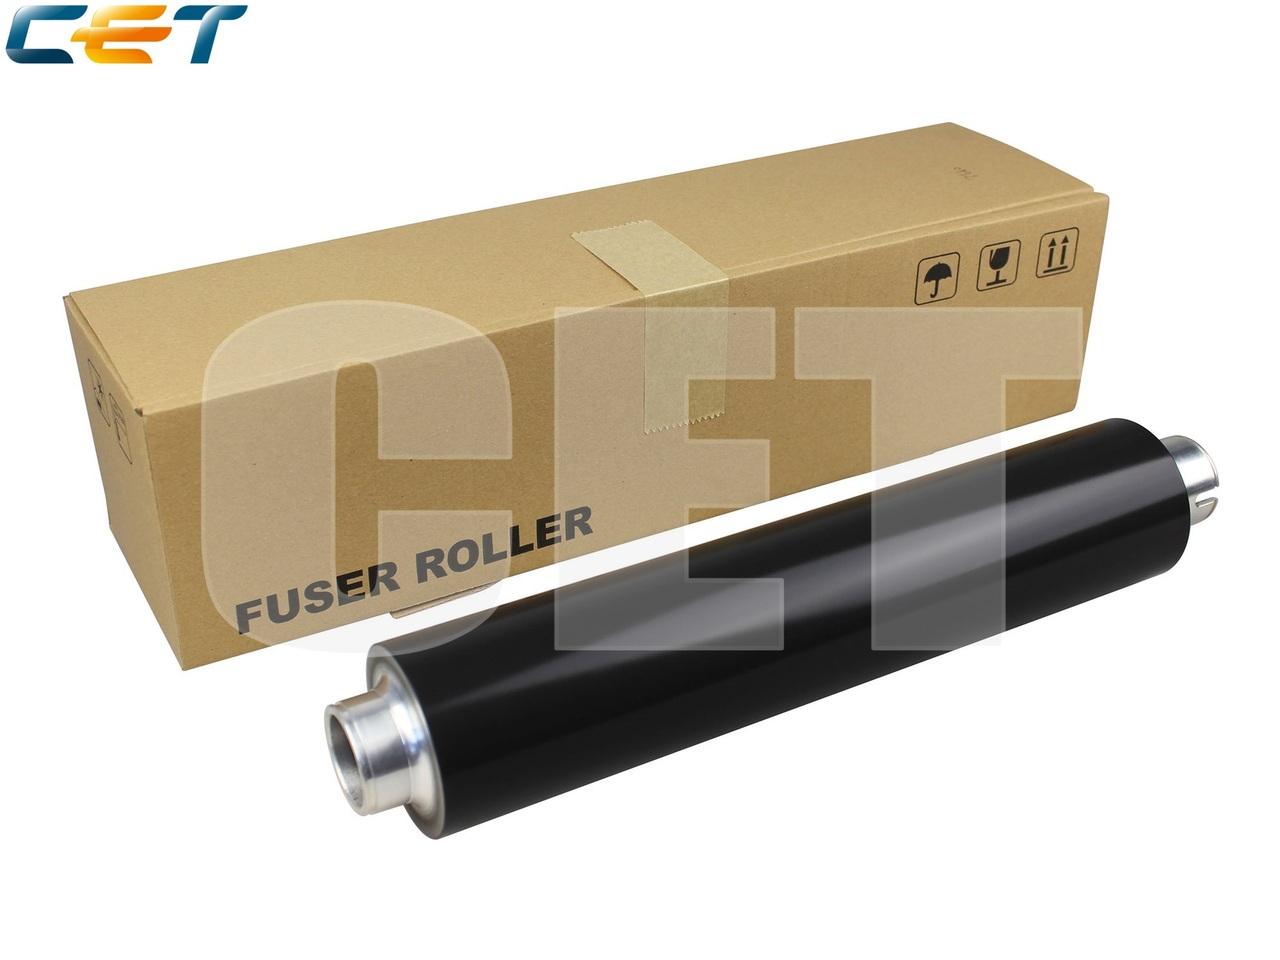 Тефлоновый вал NROLT1723FCZZ для SHARPMX-M850/M950/M1100 (CET), CET7610